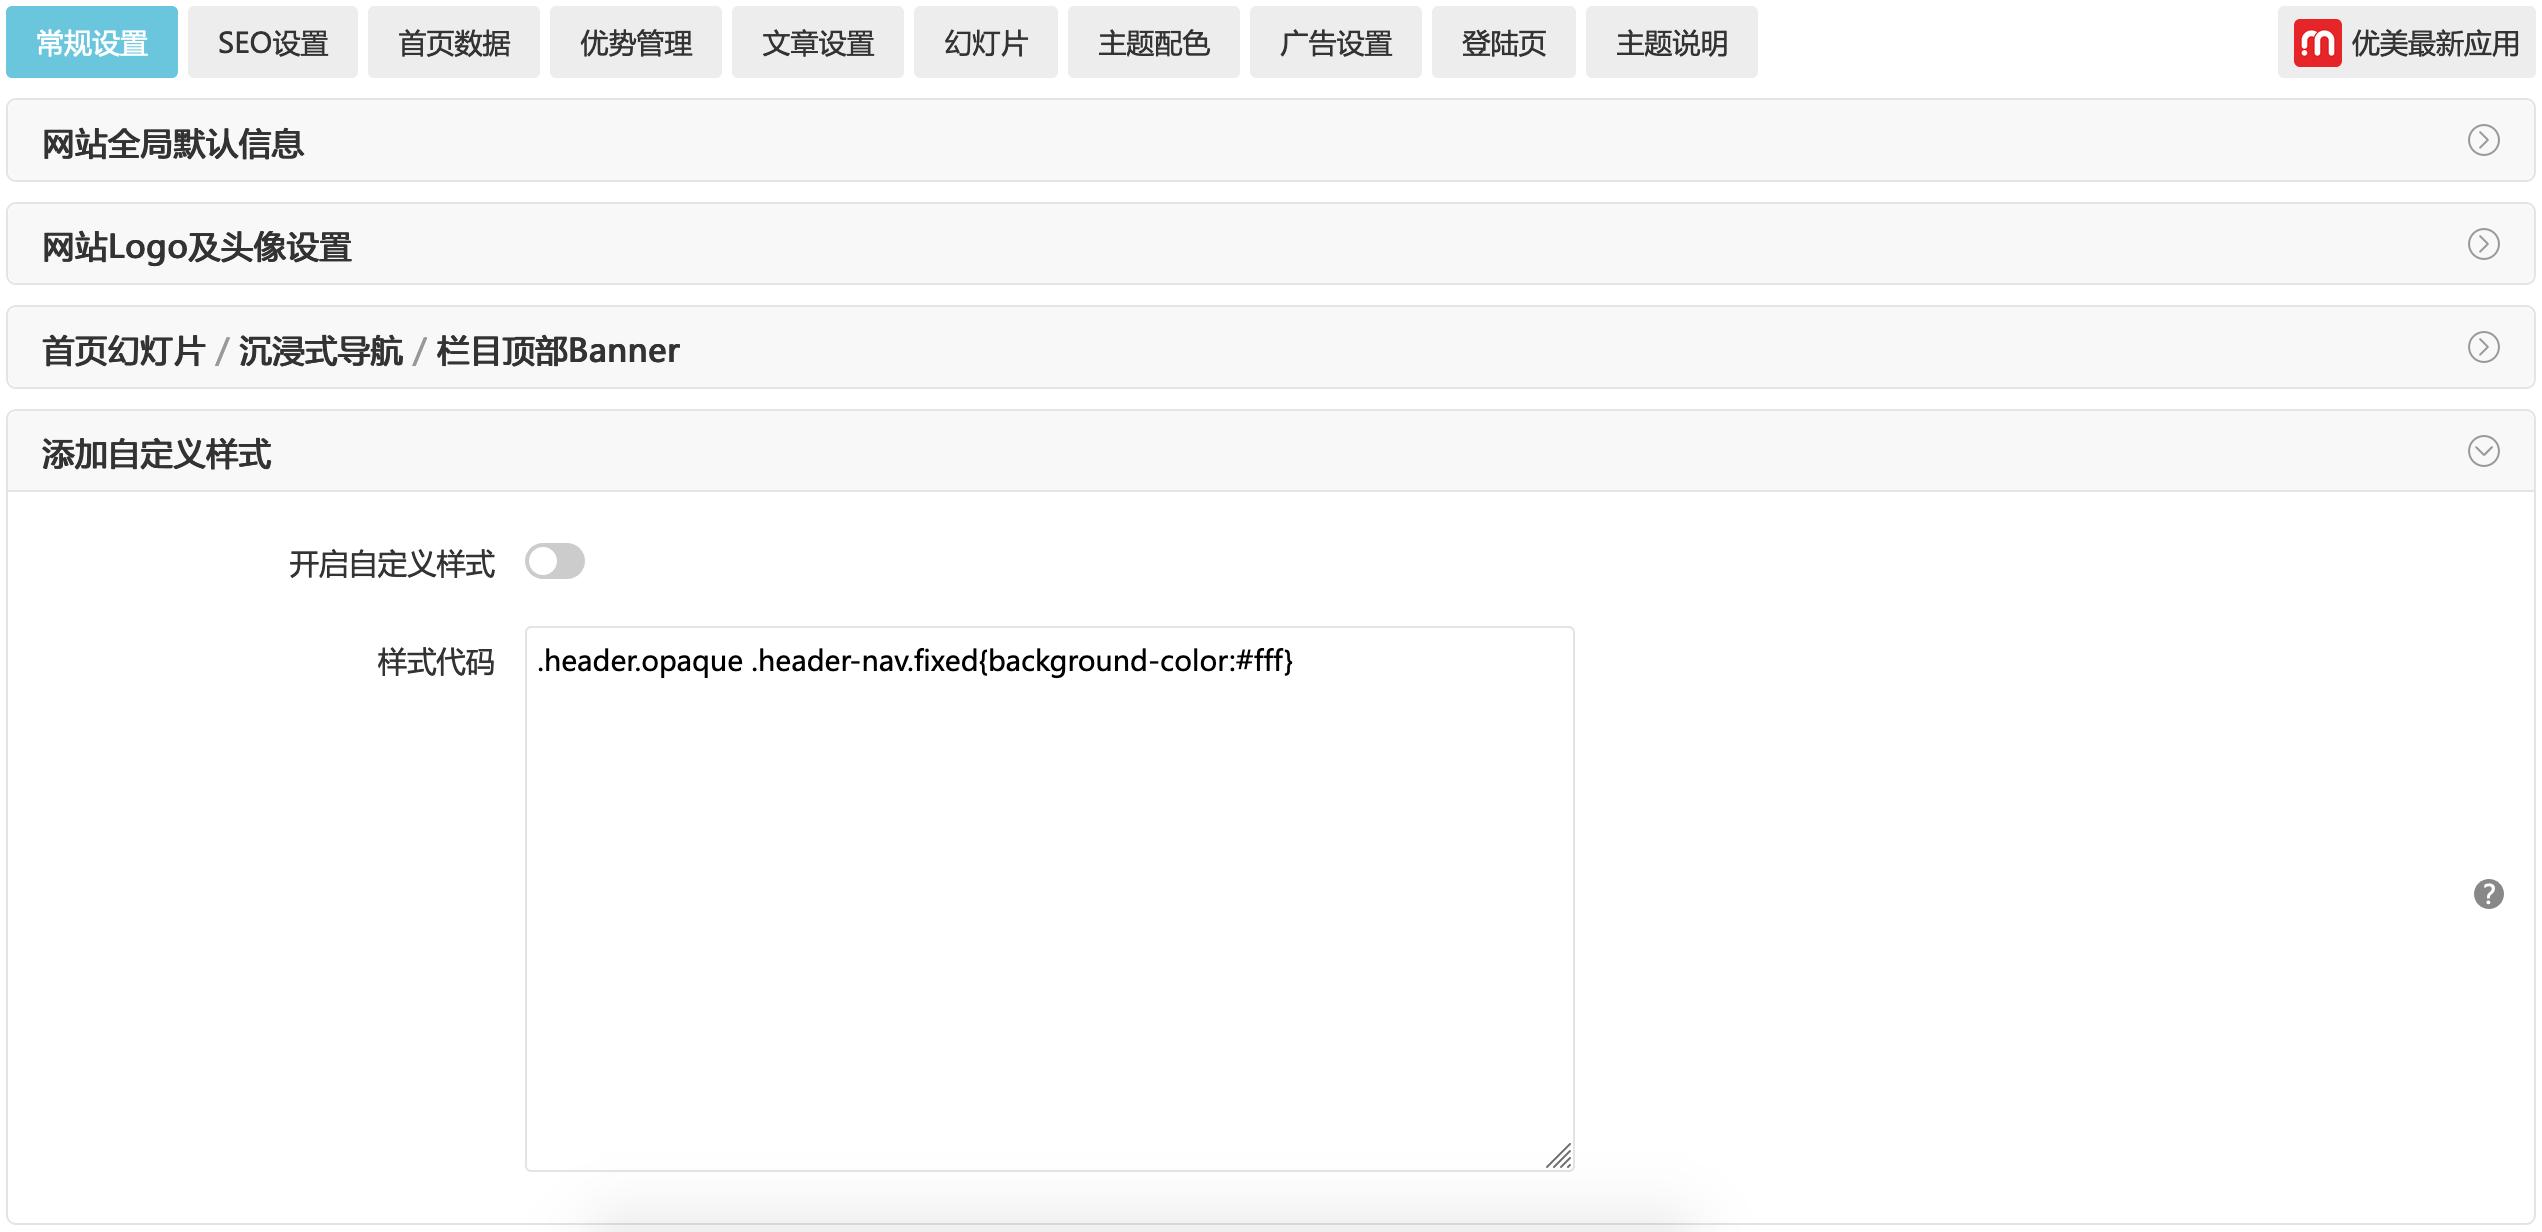 优美畅享版企业站响应式主题 企业站主题 自适应 zblog 模板 主题 zblog主题  图4